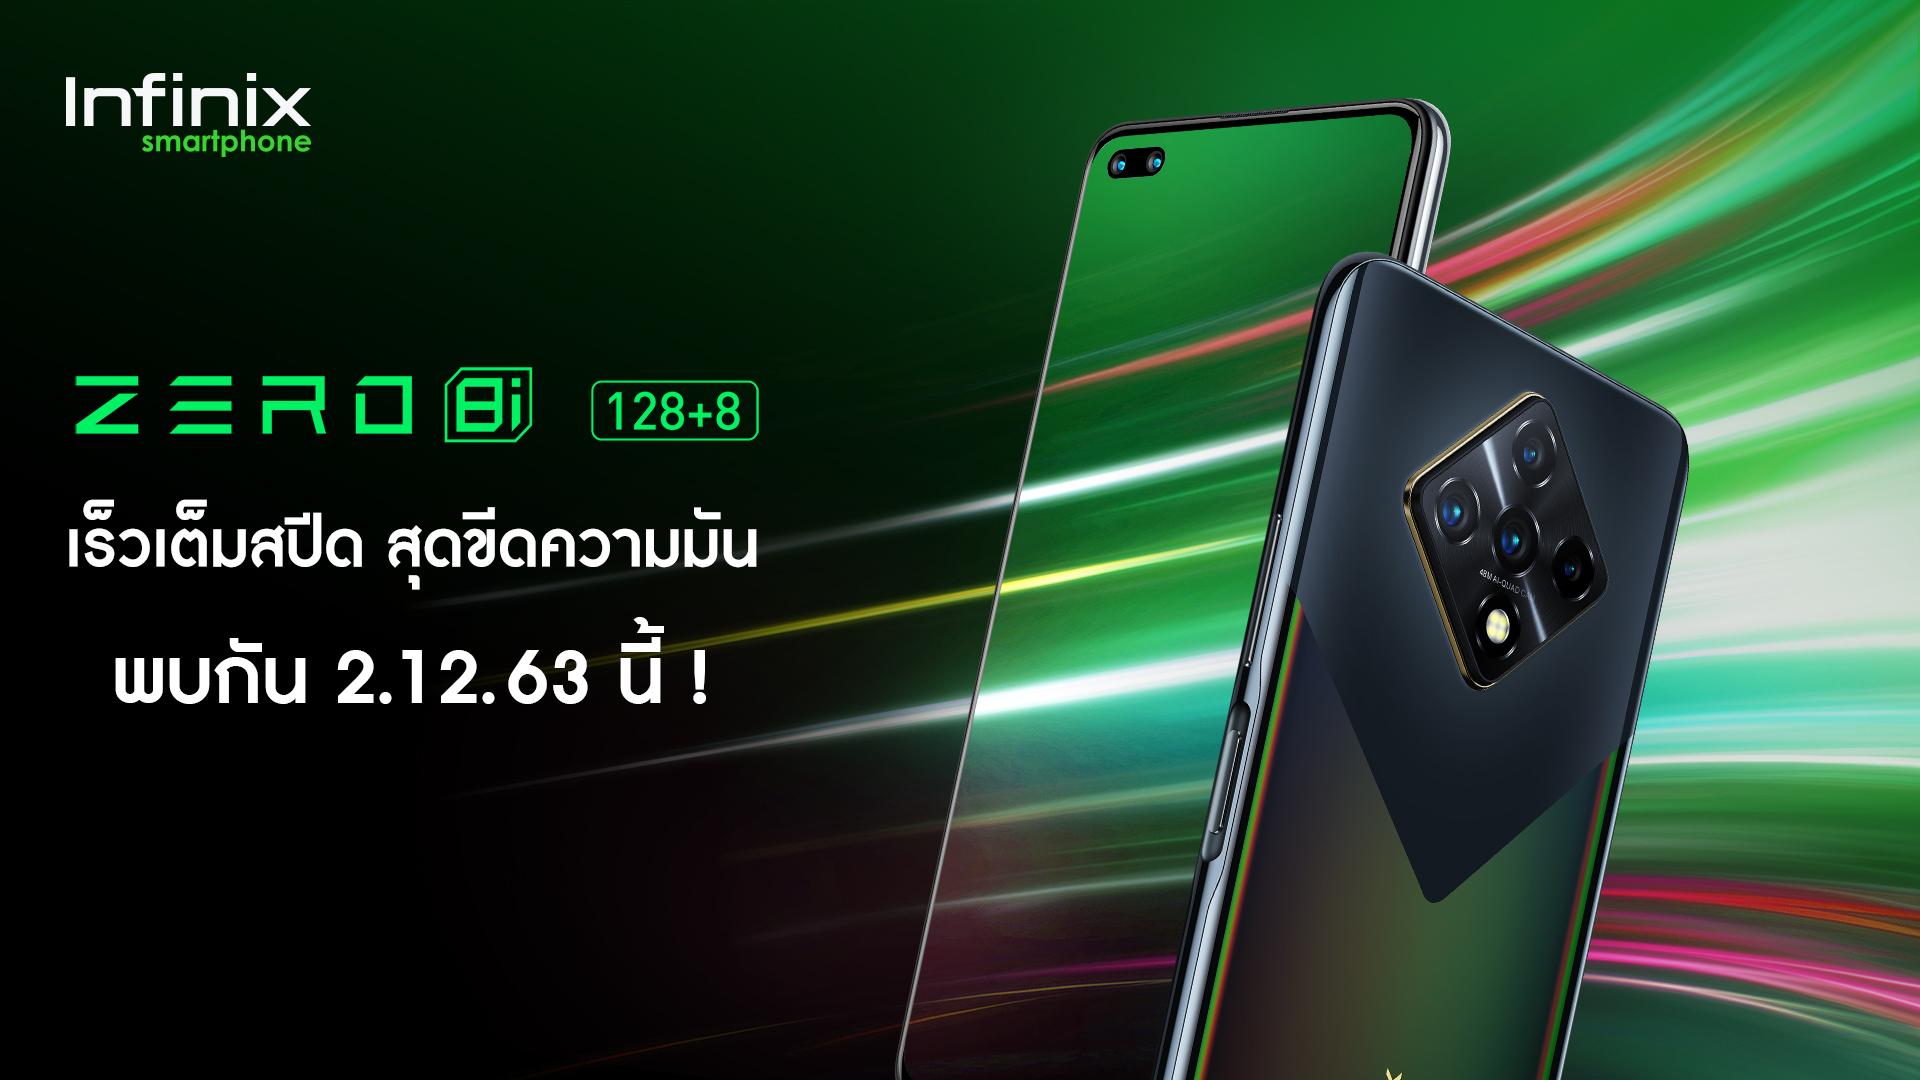 'Infinix' เตรียมเปิดตัวสมาร์ตโฟนรุ่นเรือธงอย่าง 'Zero 8i' ในประเทศไทยอย่างเป็นทางการวันที่ 2 ธันวาคม 2563 นี้!!